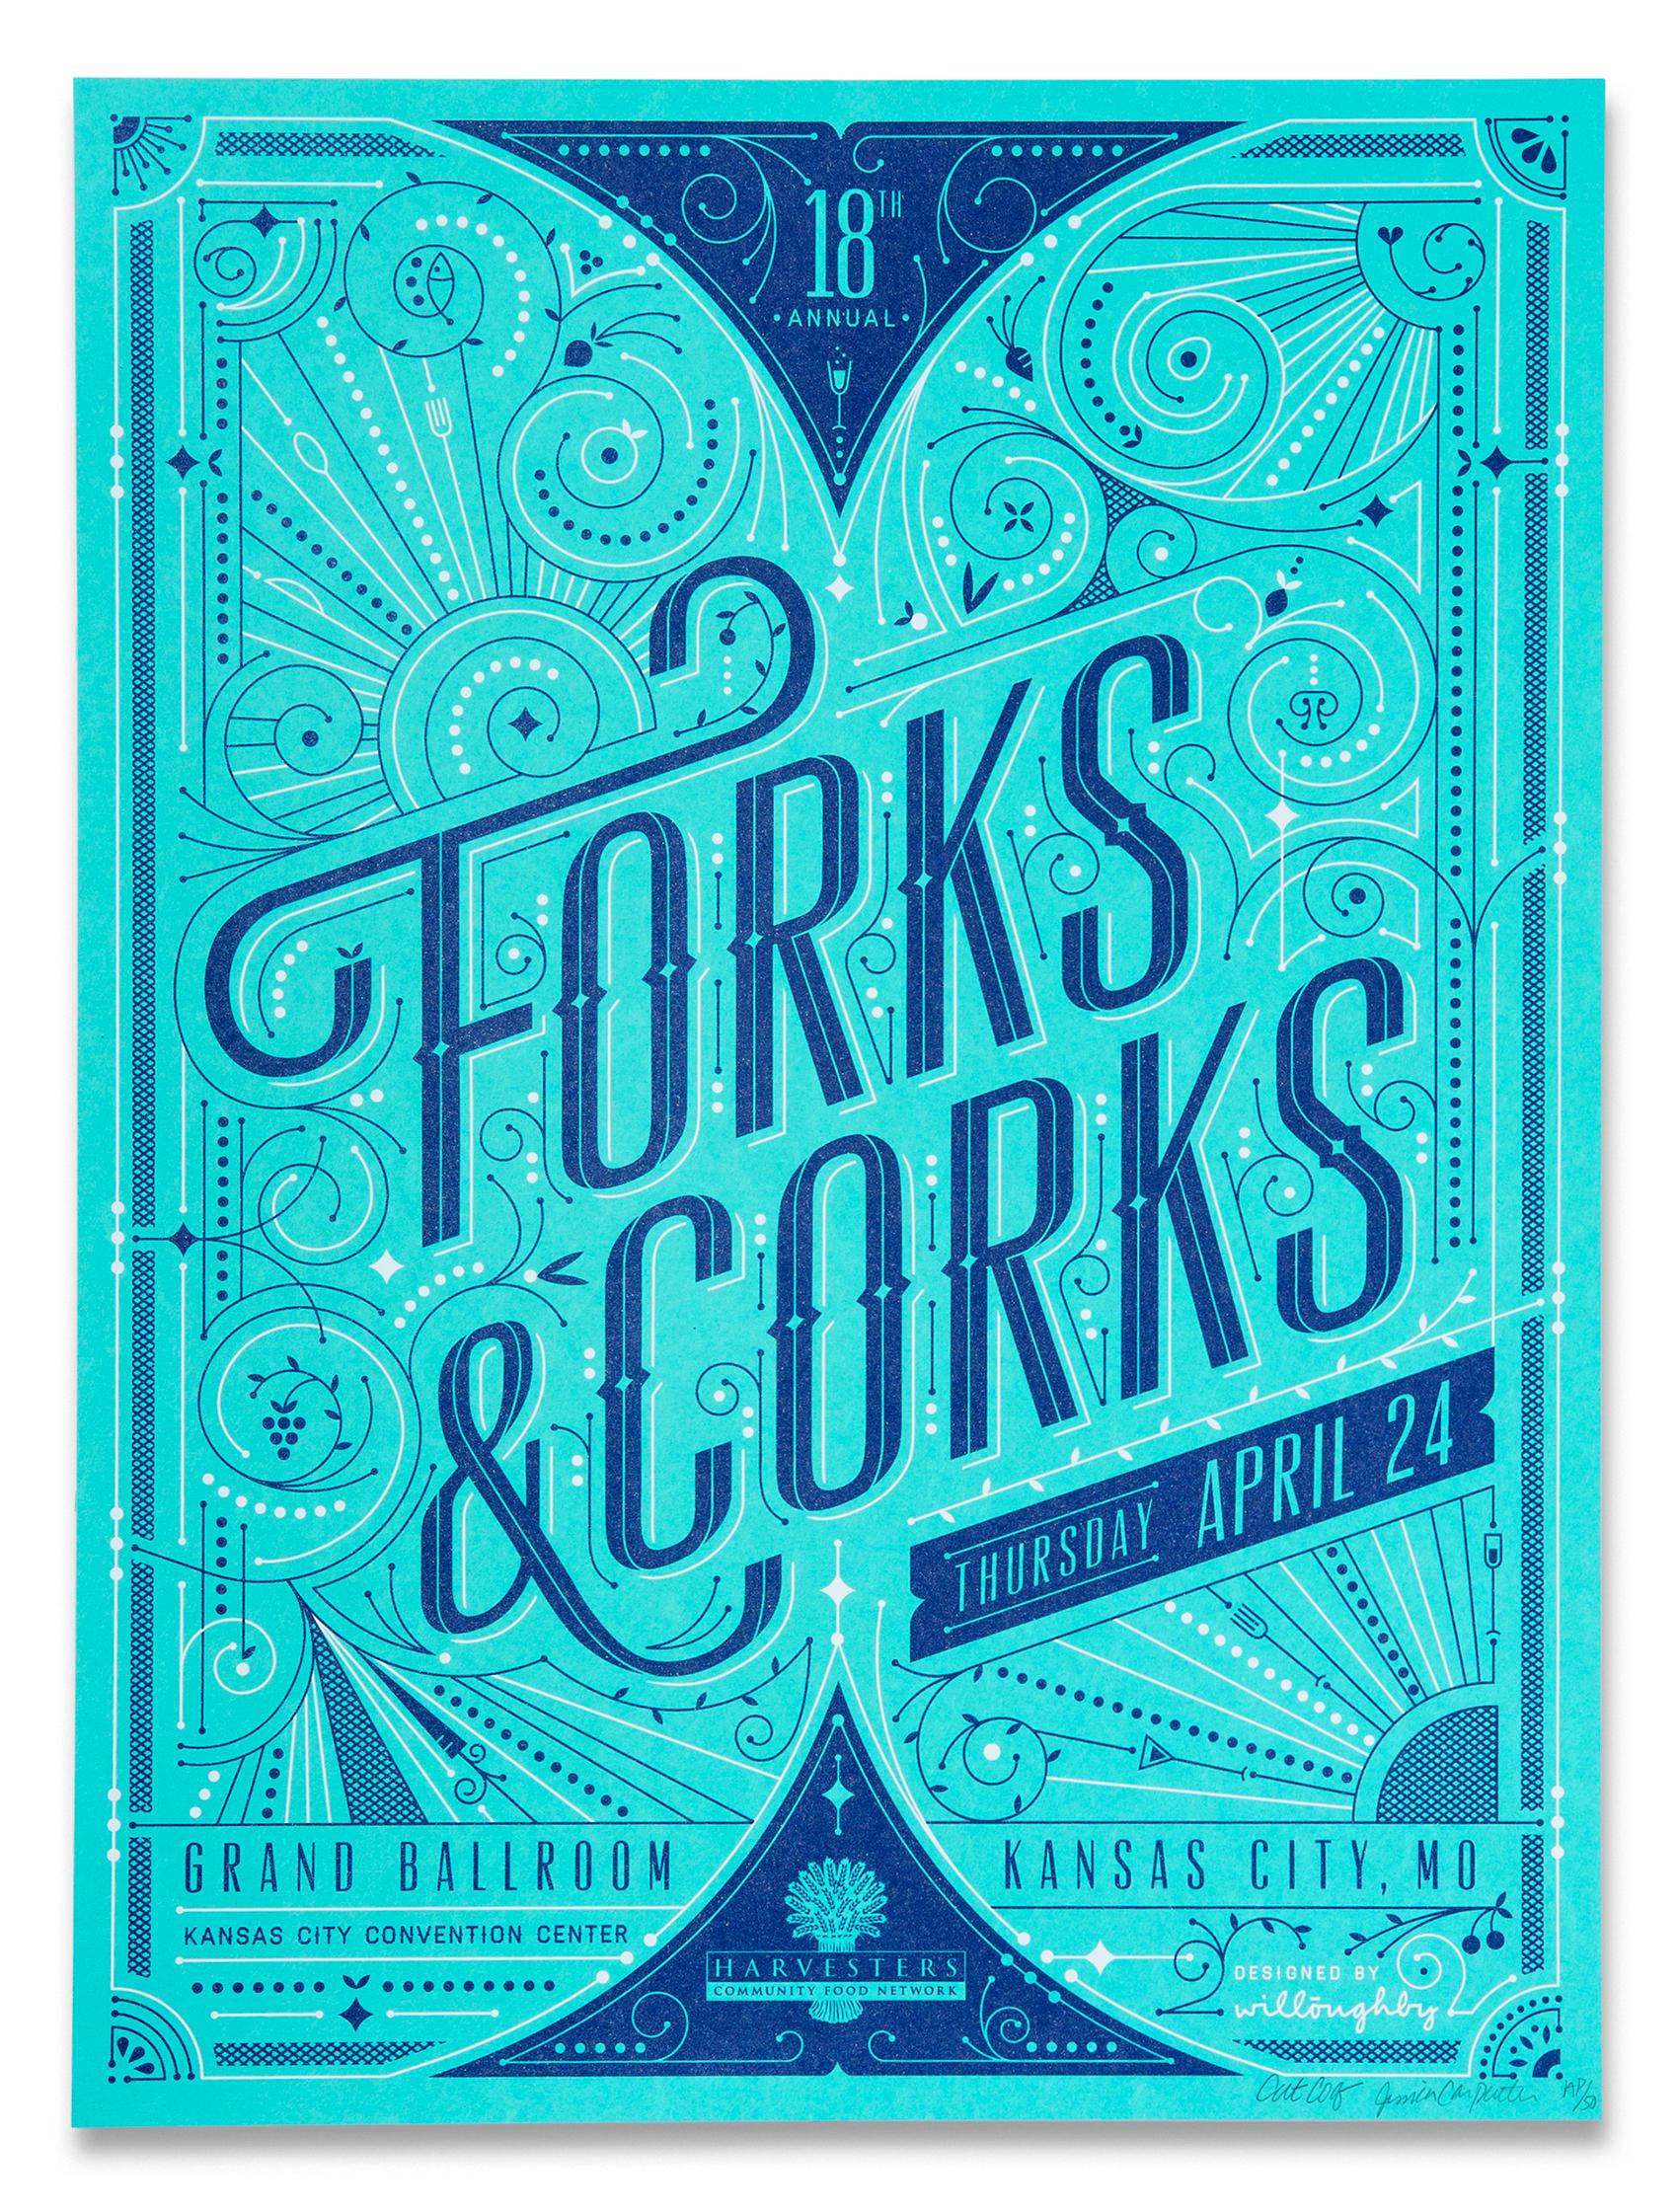 ForksCorks-1